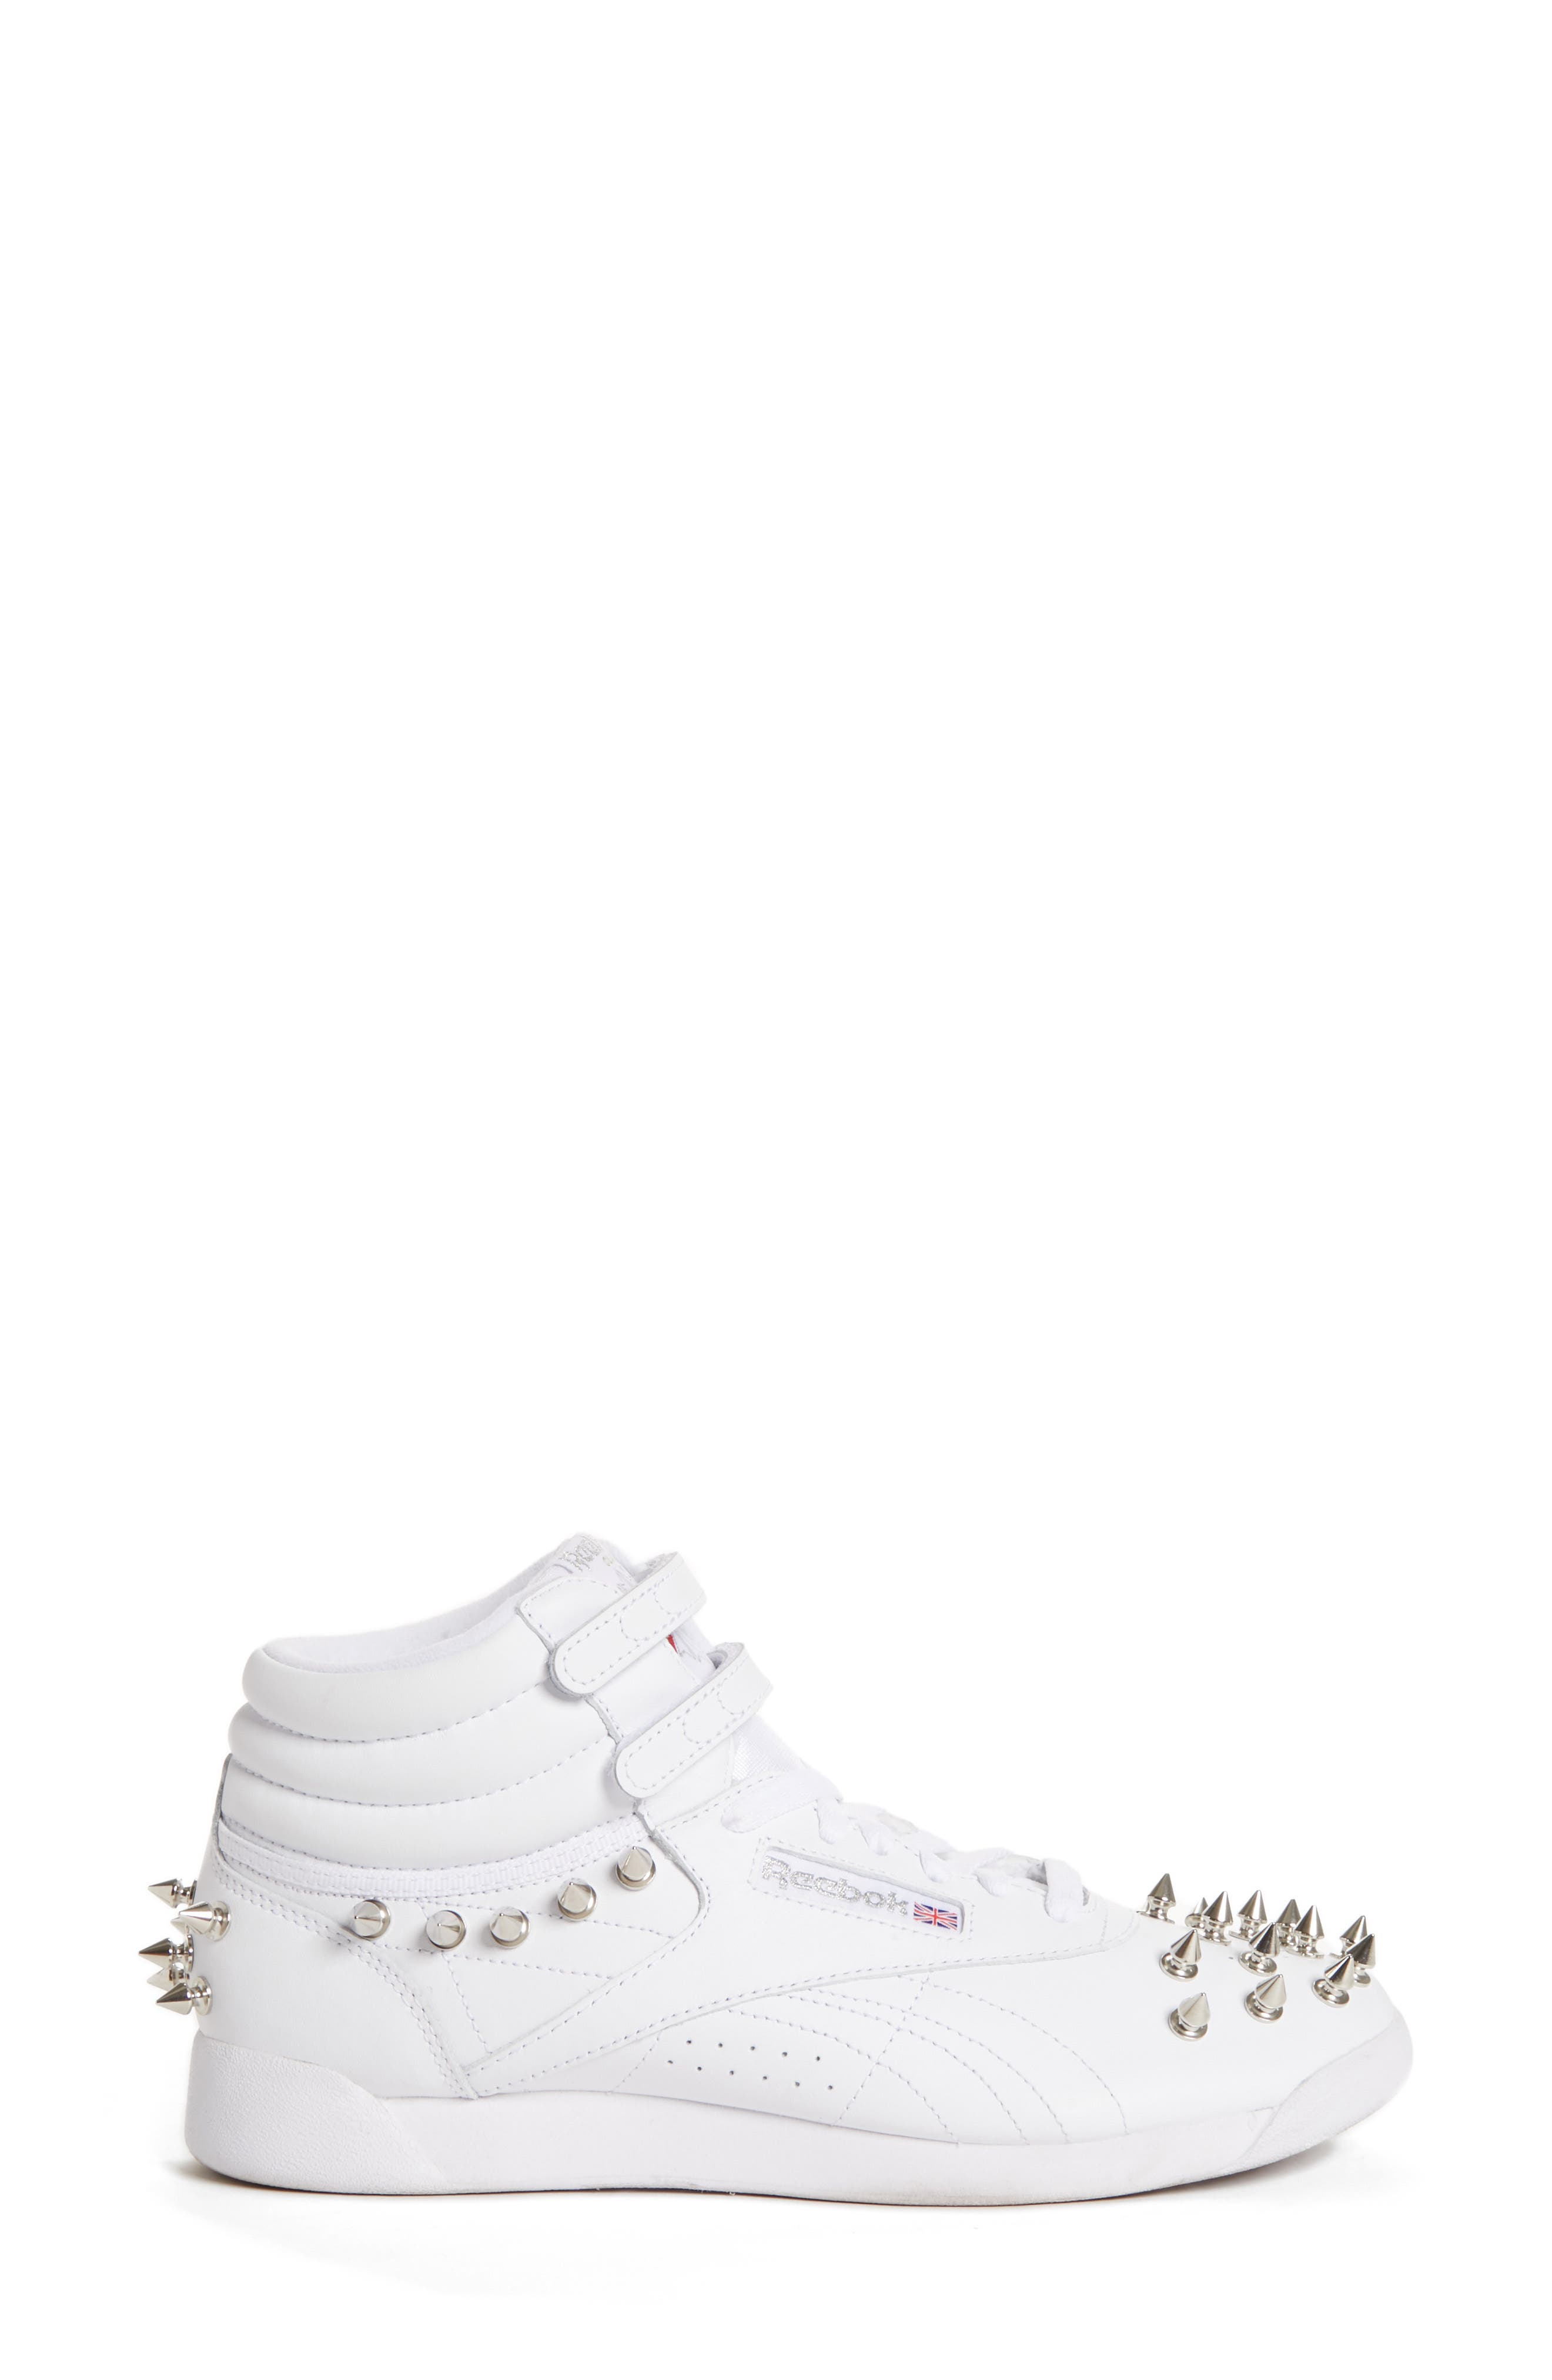 x Reebok Studded Sneaker,                             Alternate thumbnail 3, color,                             WHITE